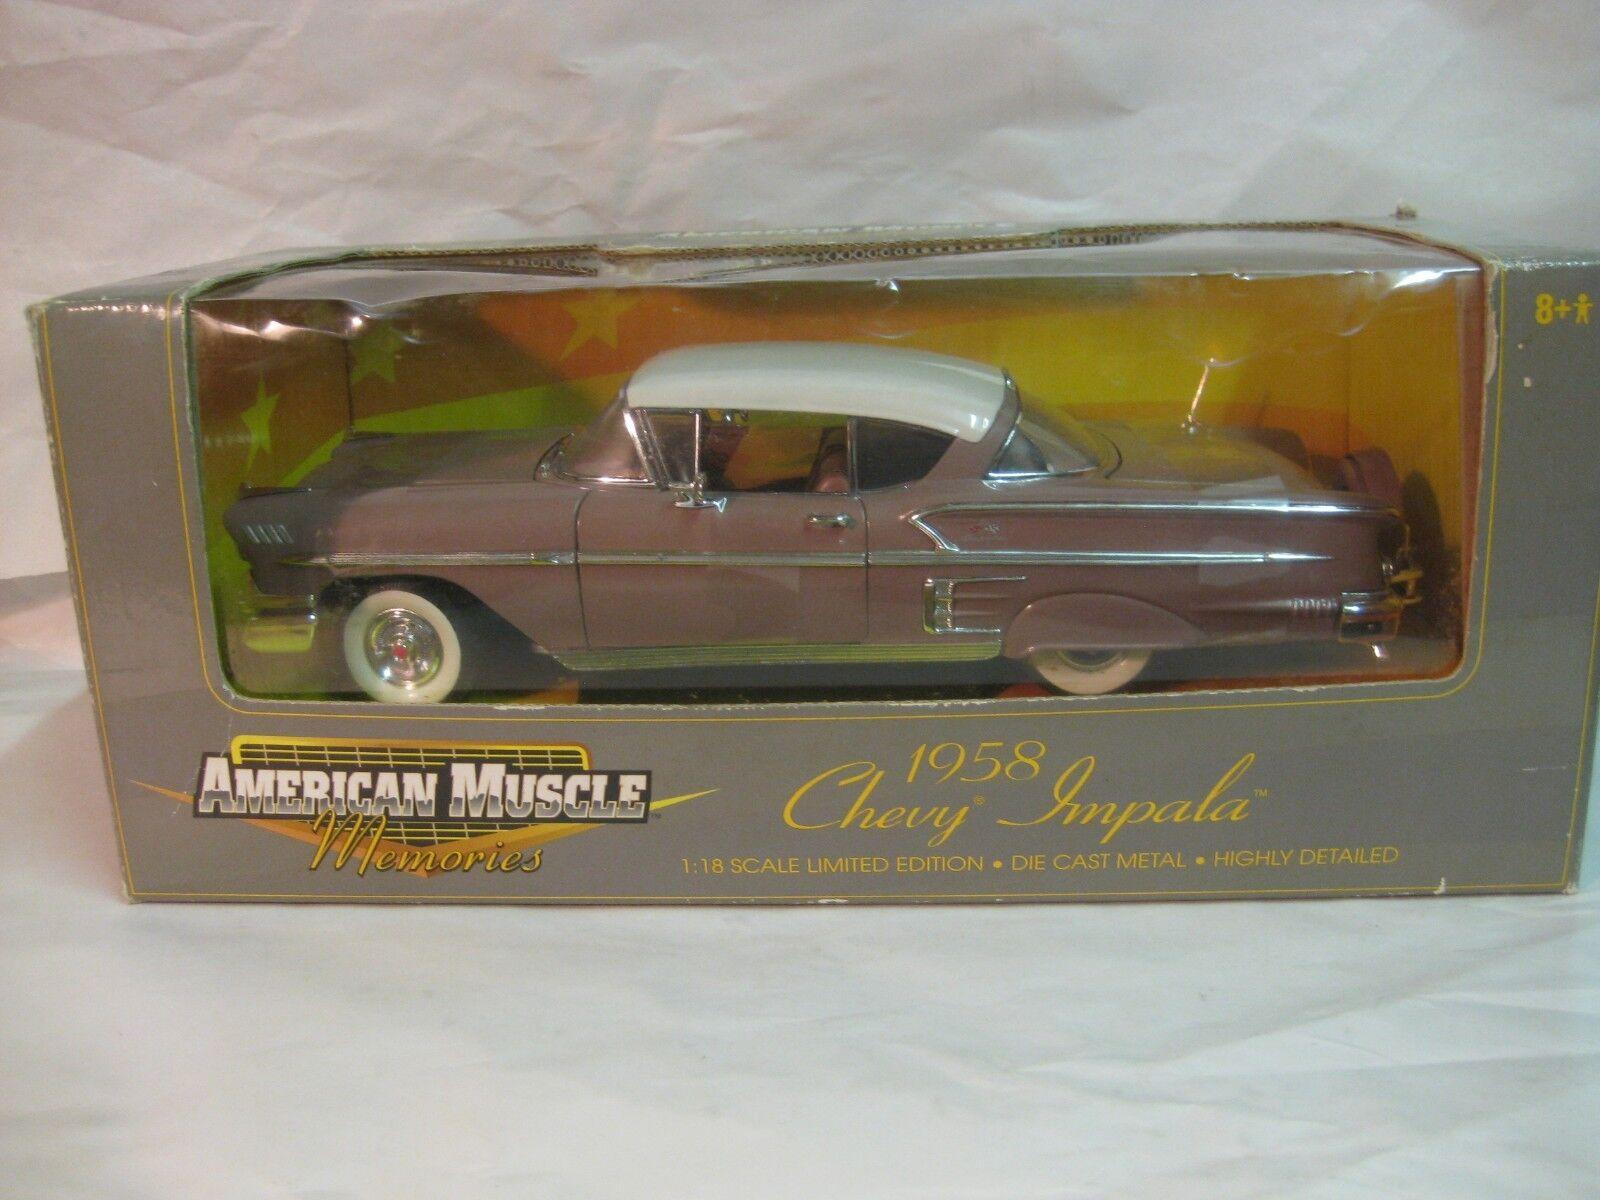 American Muscle 1958 Chevy Impala dans un Crème 118 à L'Échelle Miniature Ertl